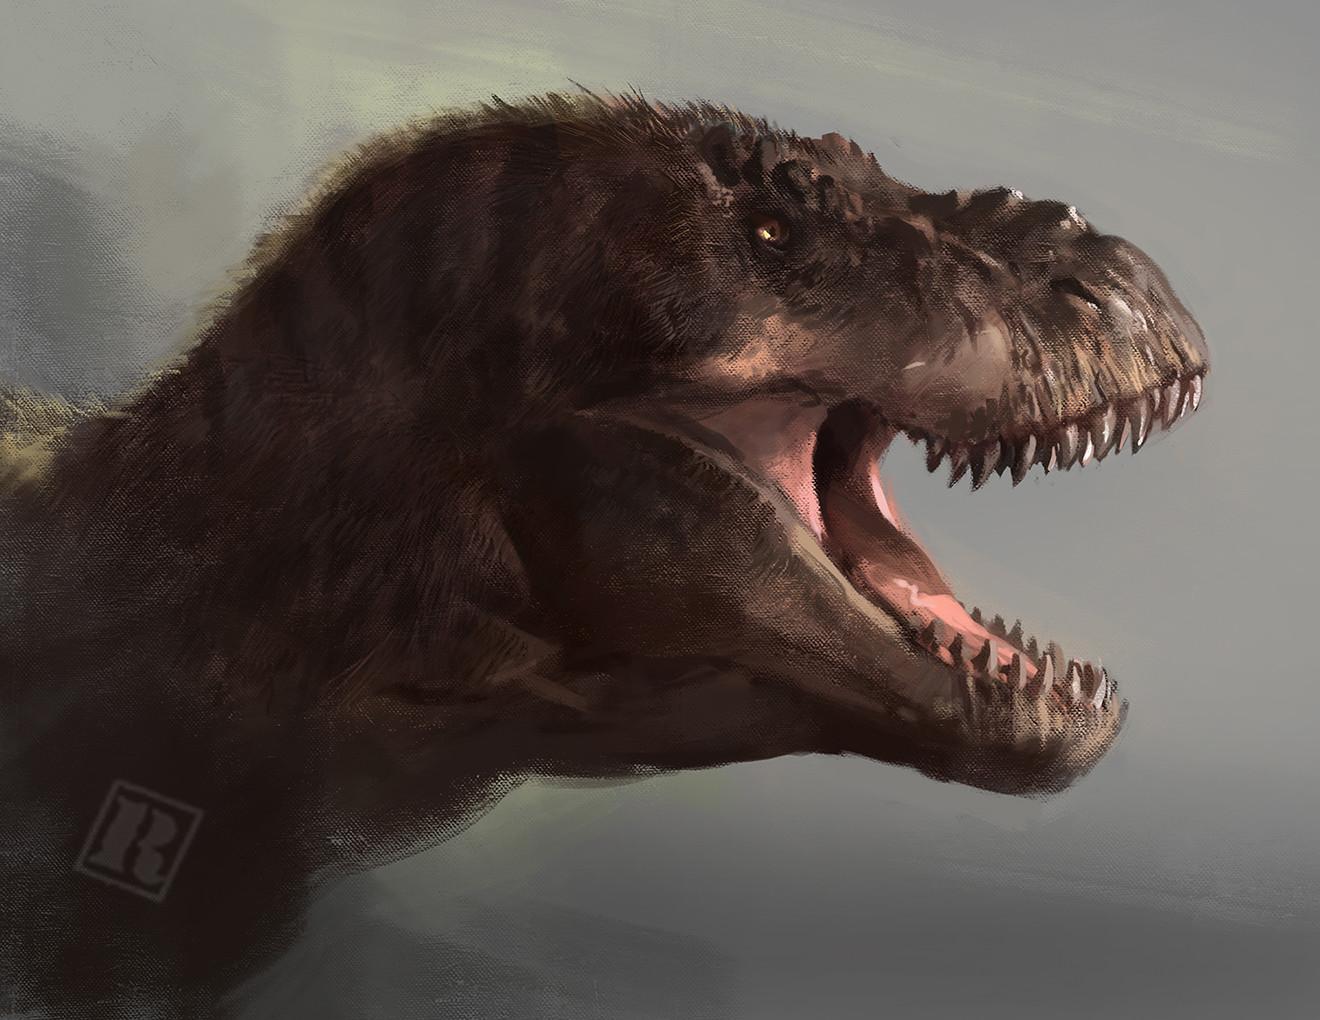 Jurassic Park rex (fluffed)